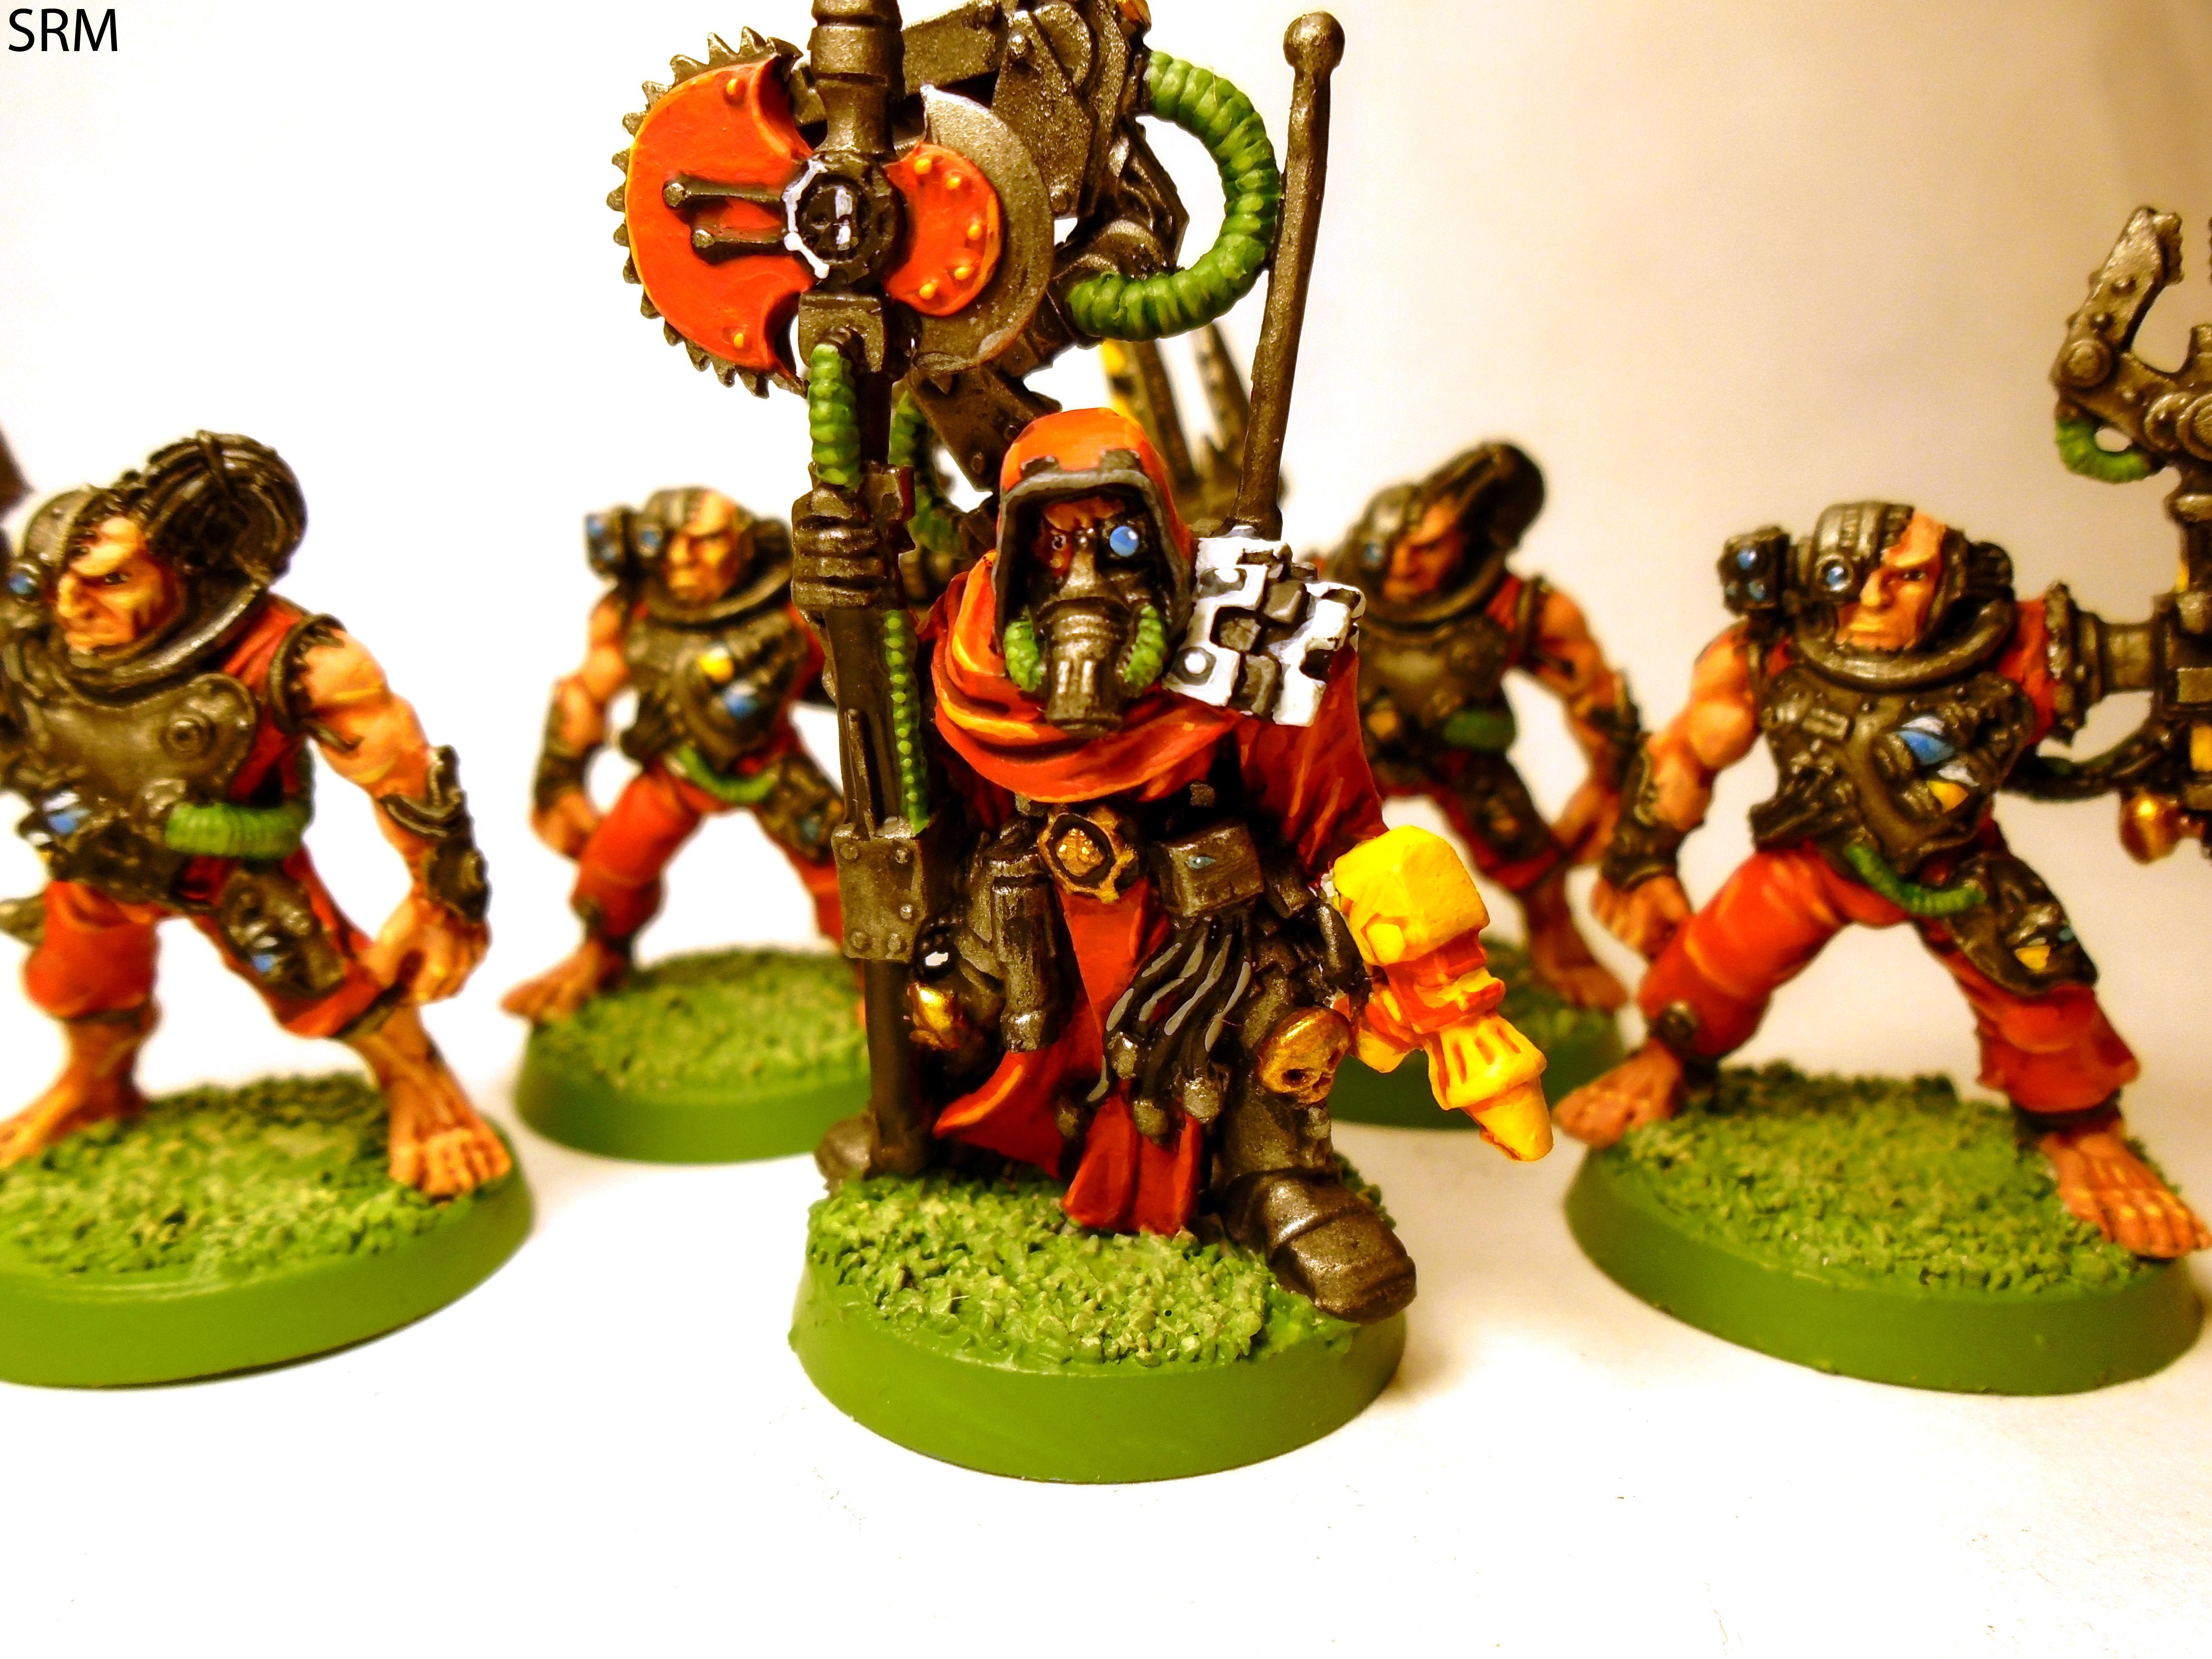 Adeptus Mechanicus, Mechanicus, Retro, Servitors, Skullz, Tech Priest